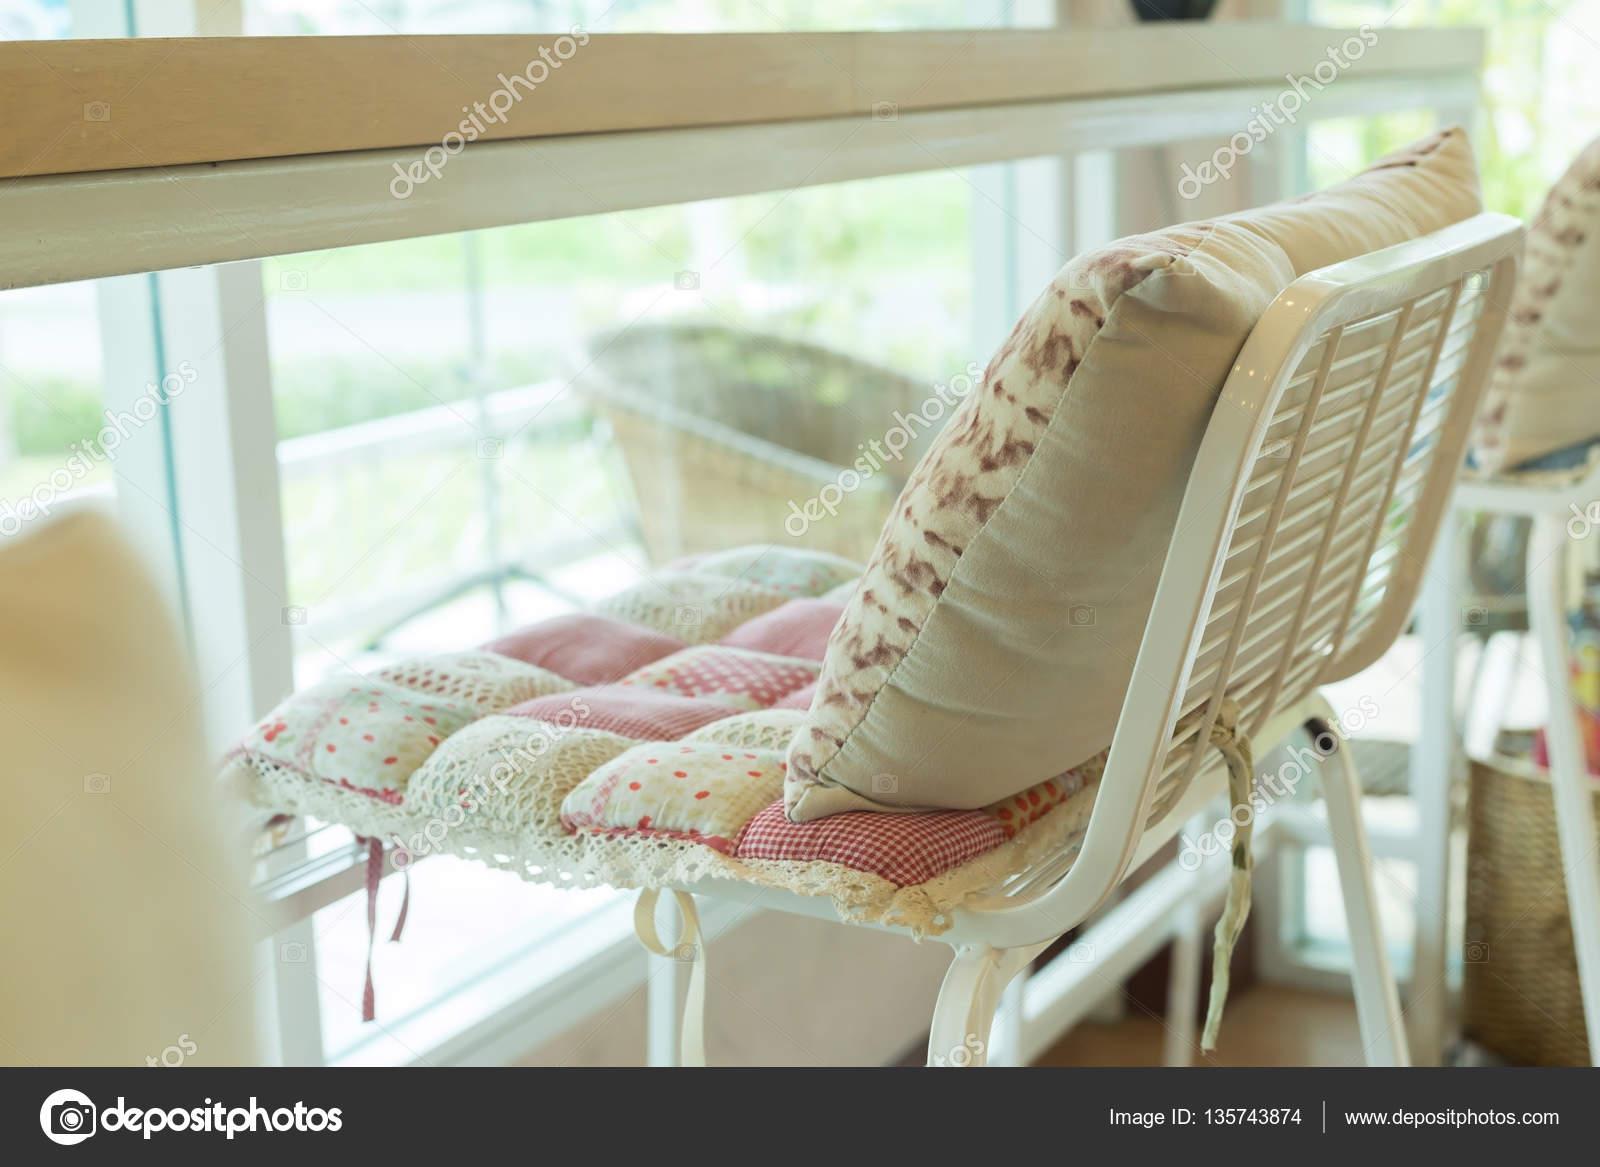 Sgabello da bar con interni di modello di cuscino cuscino fiori